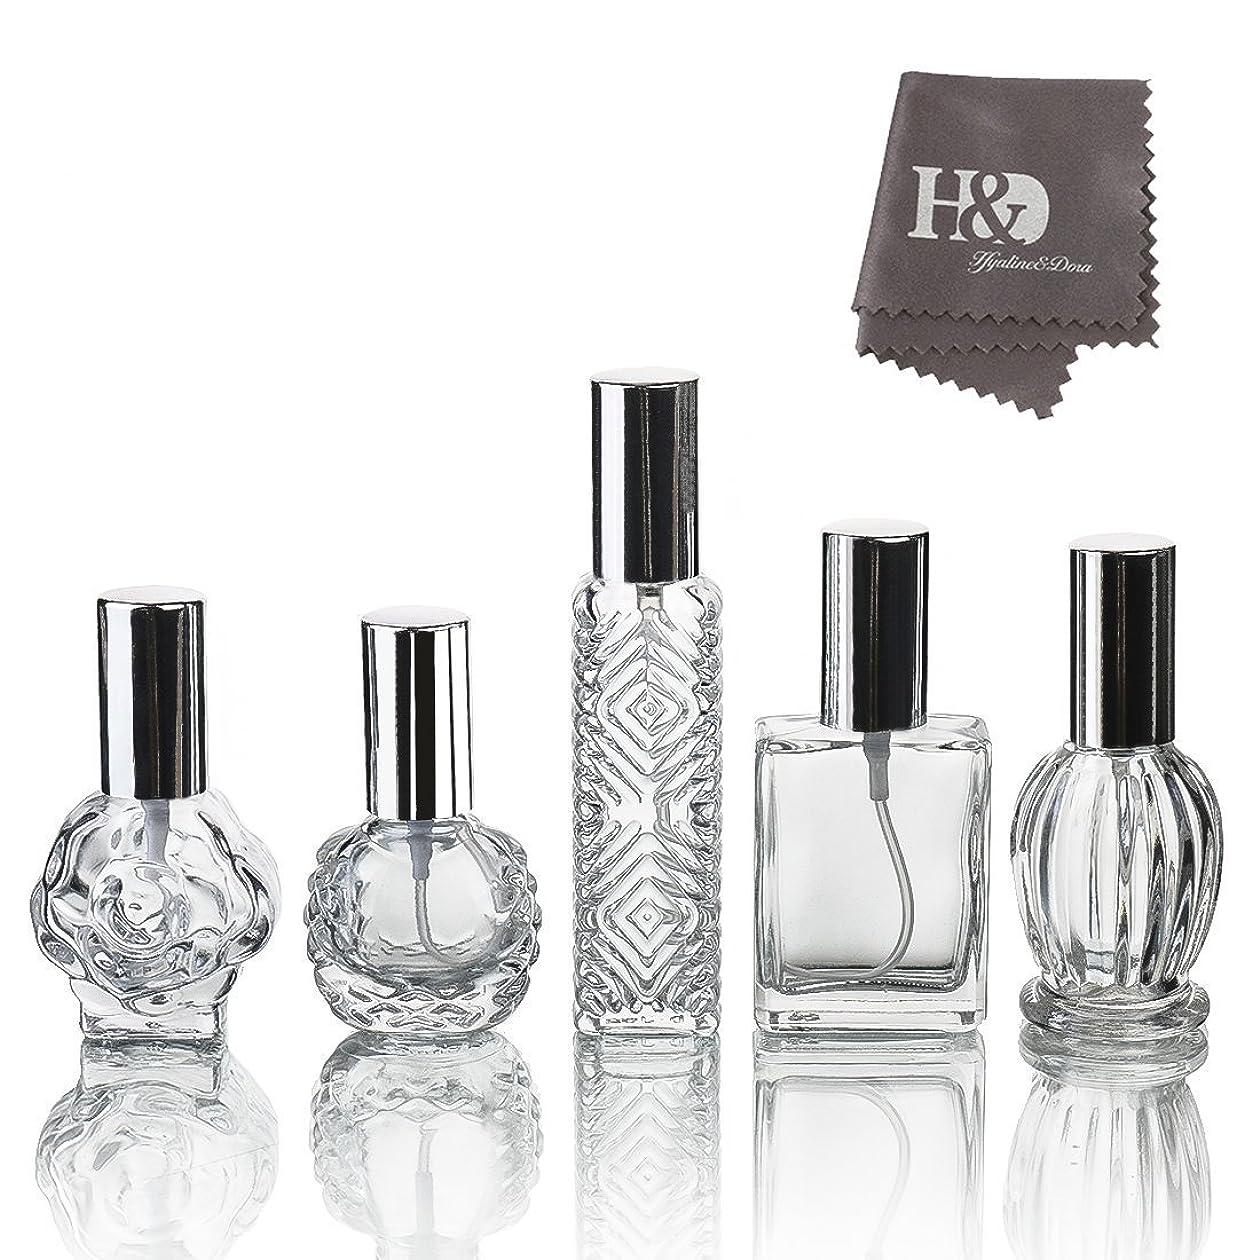 一掃する高める反対するH&D 5枚セット ガラスボトル 香水瓶 詰替用瓶 分け瓶 旅行用品 化粧水用瓶 装飾雑貨 ガラス製 (2)